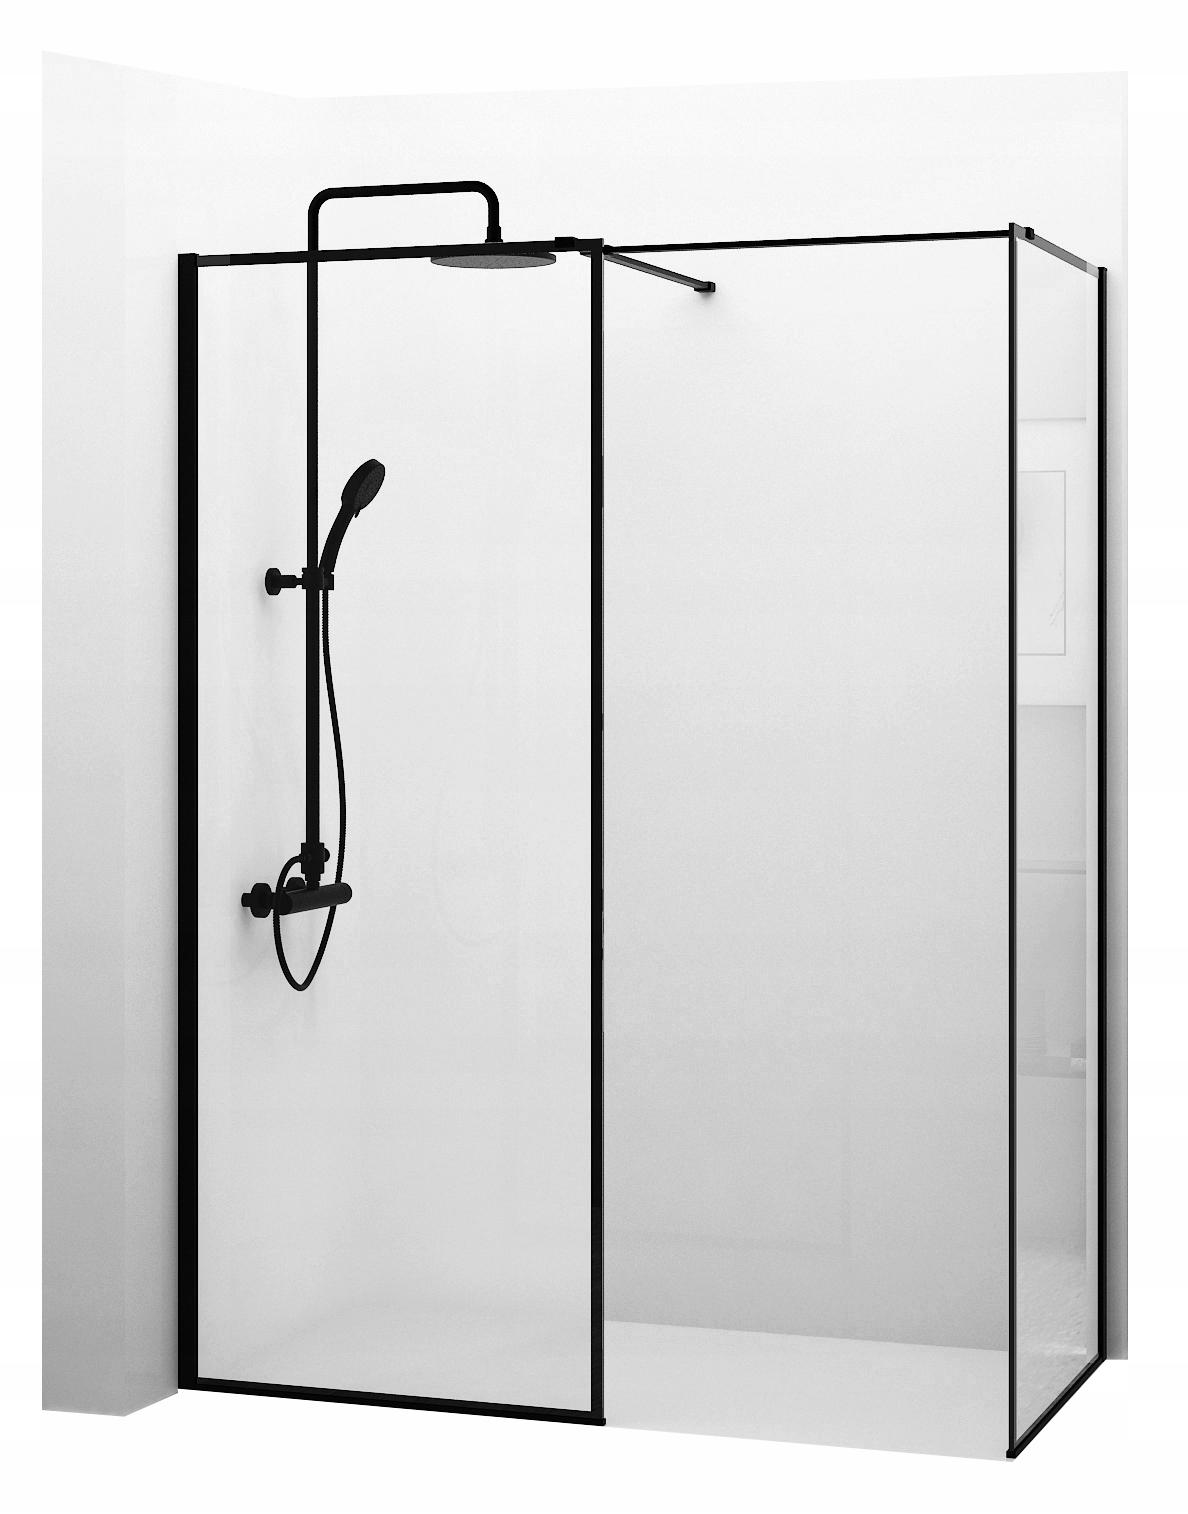 Sprcha CHODIŤ V 90x80 BLACK PROFILY